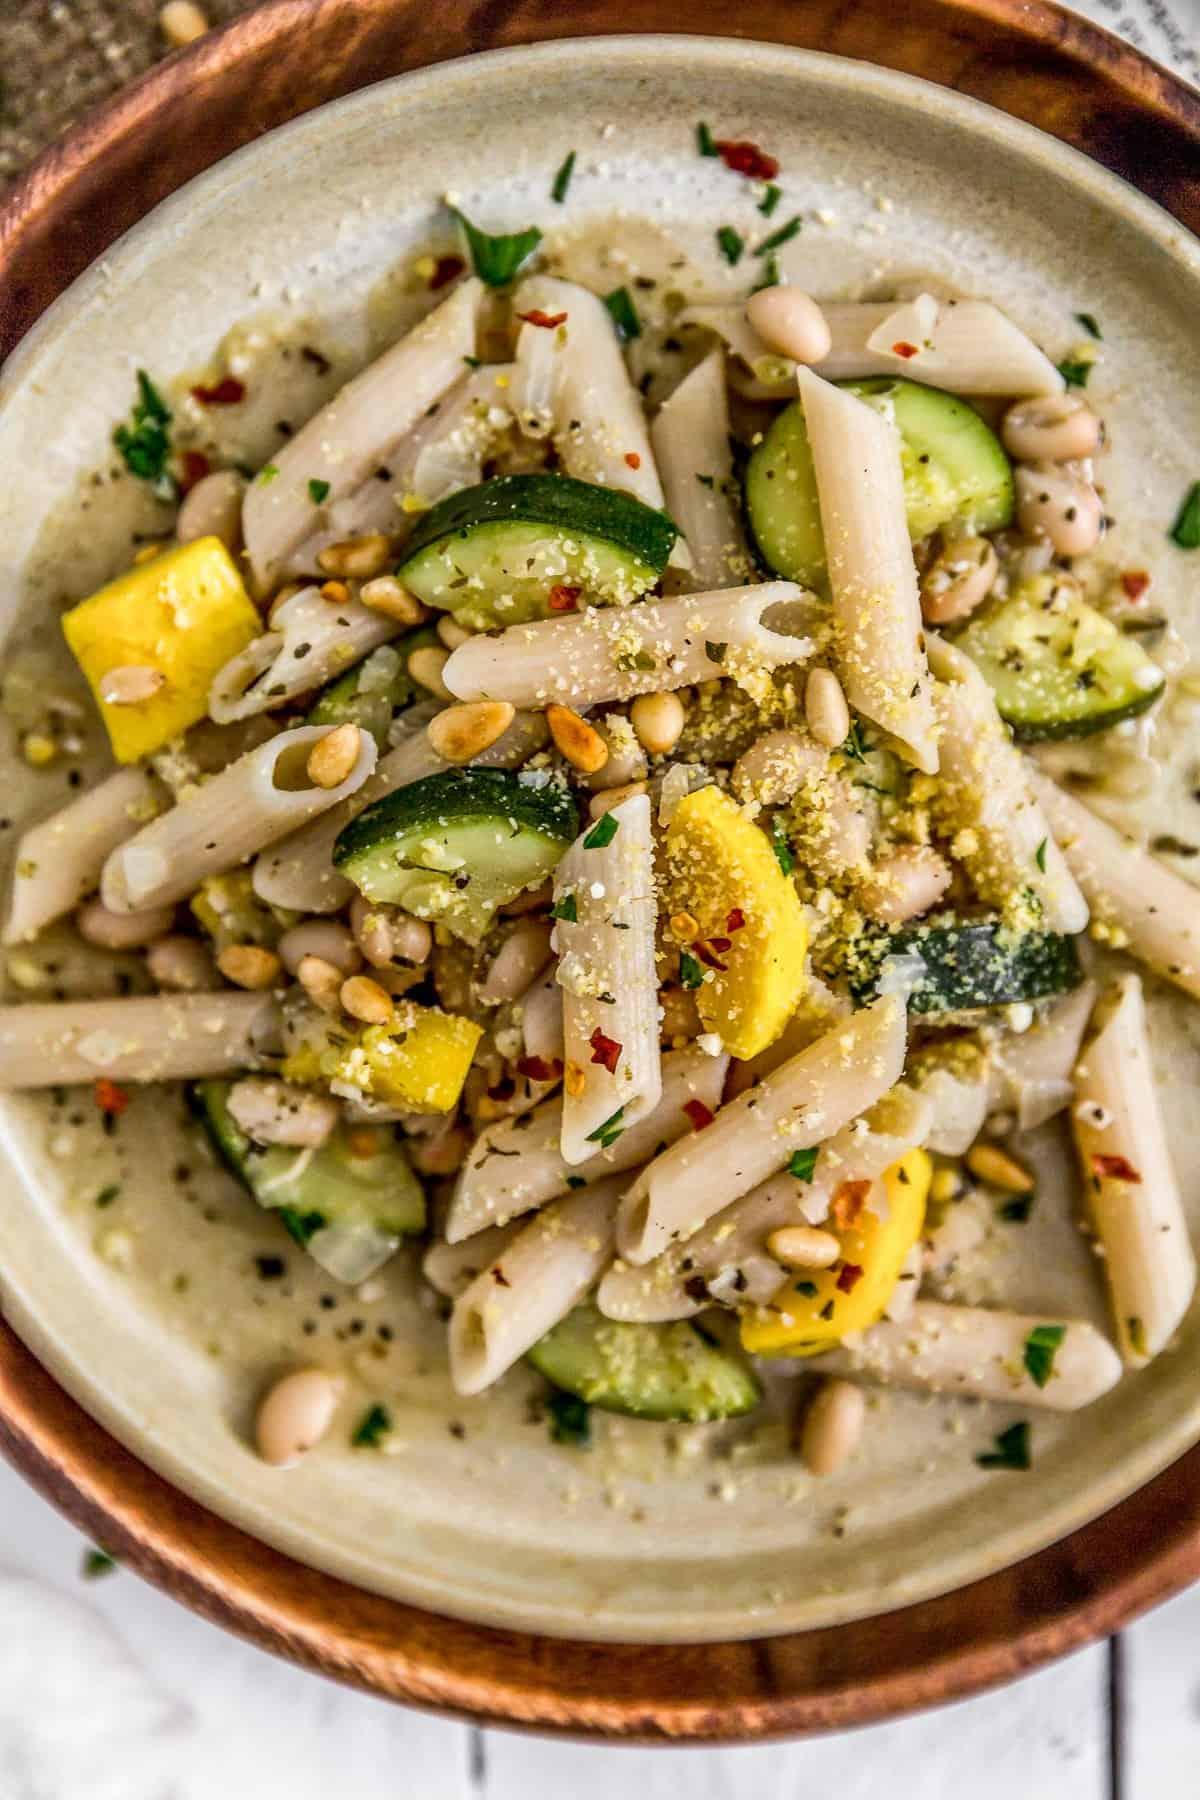 Dish of Vegan Parmesan Veggie Pasta